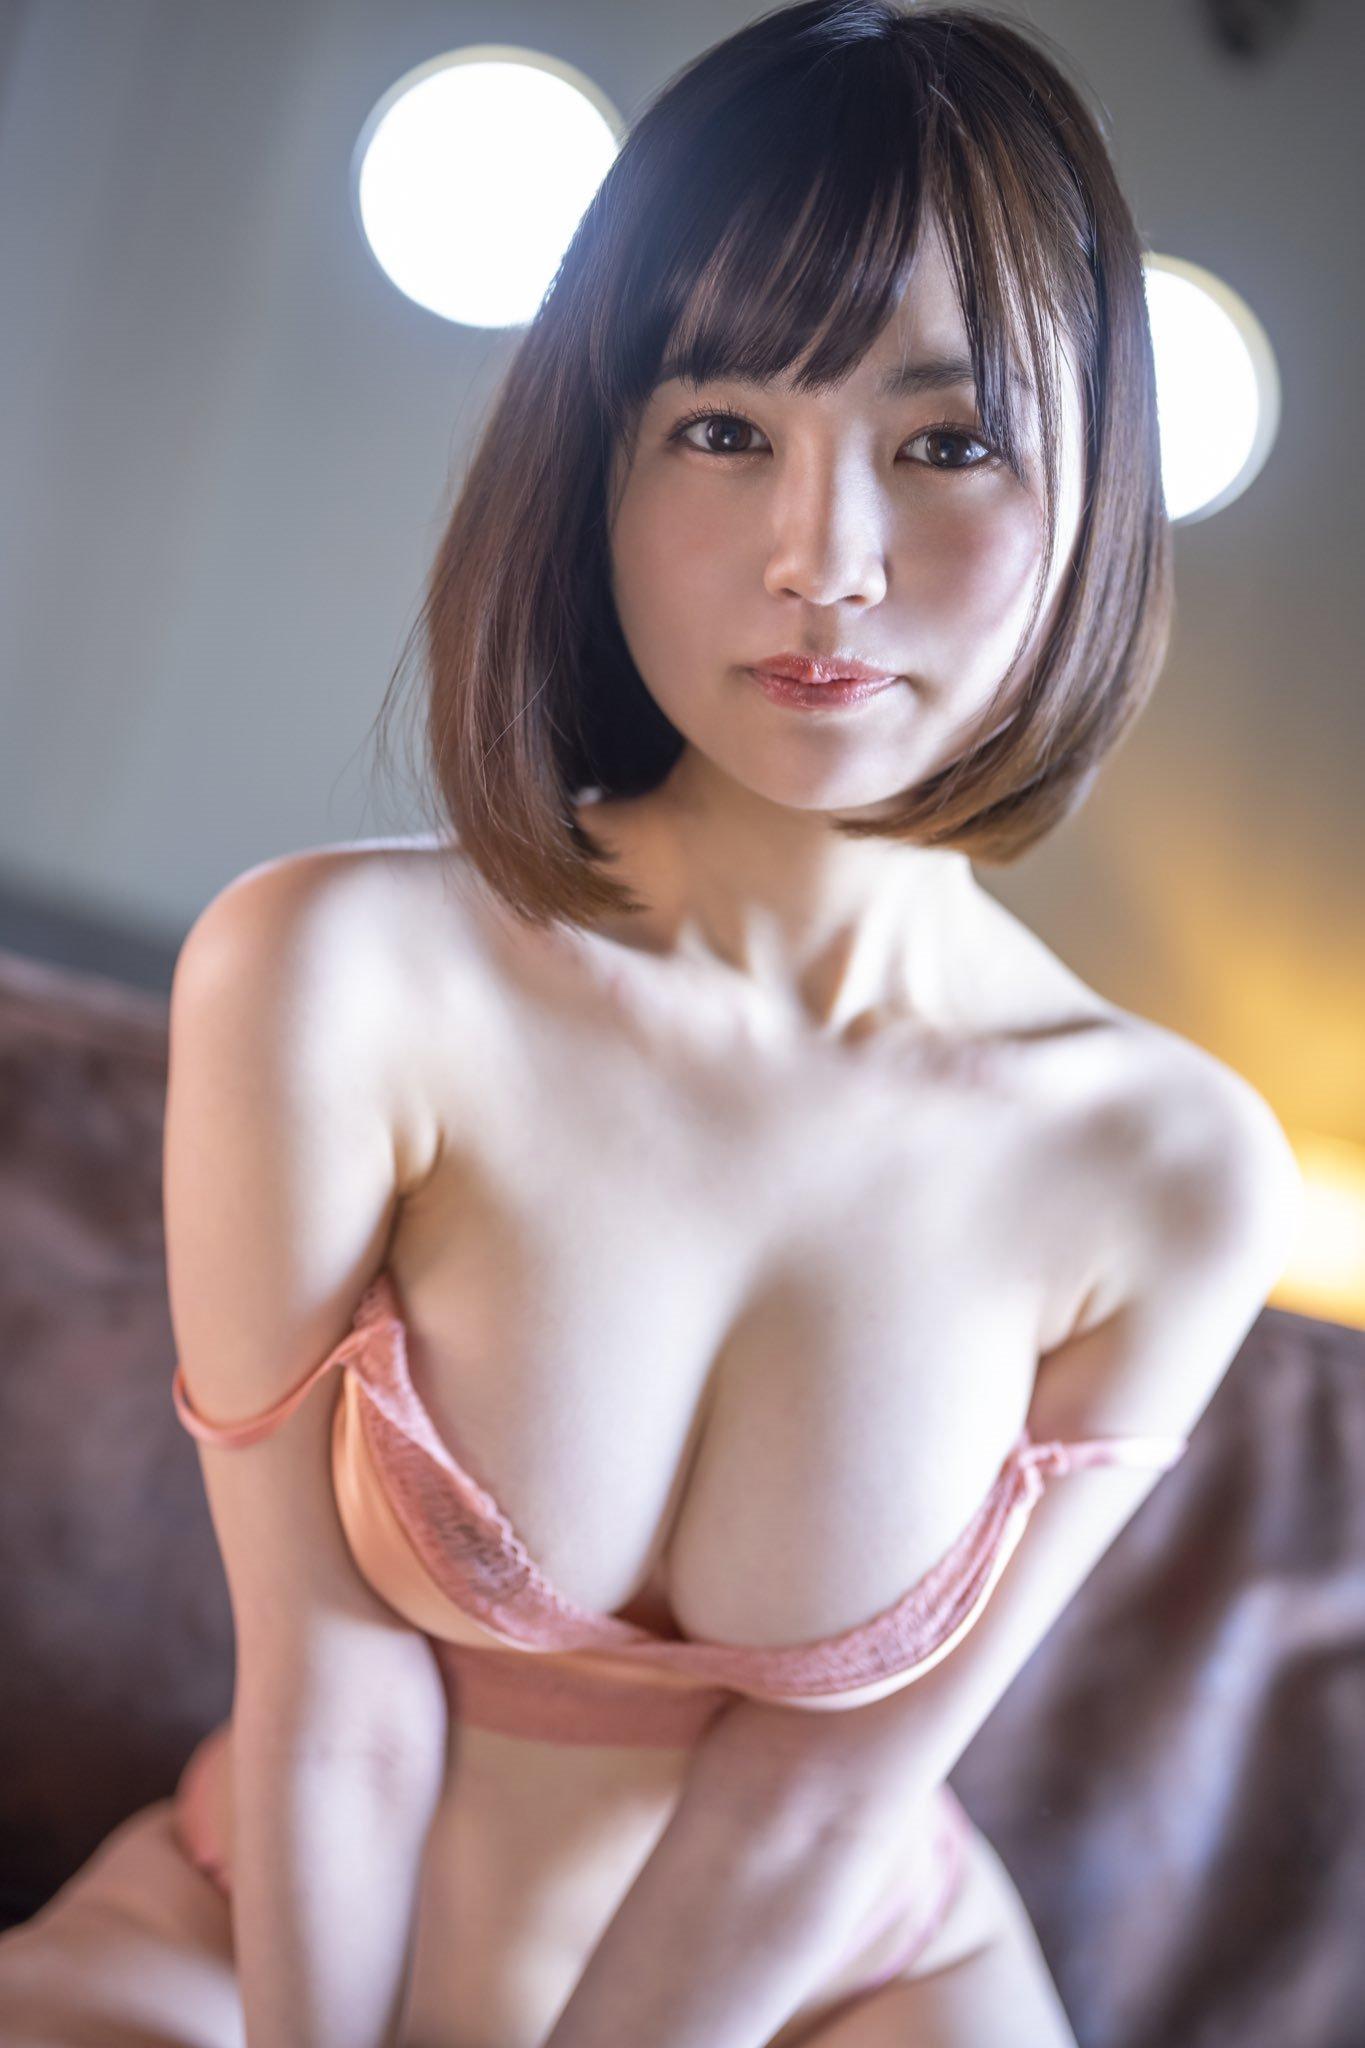 天宫花南写真冠军下海转职出道